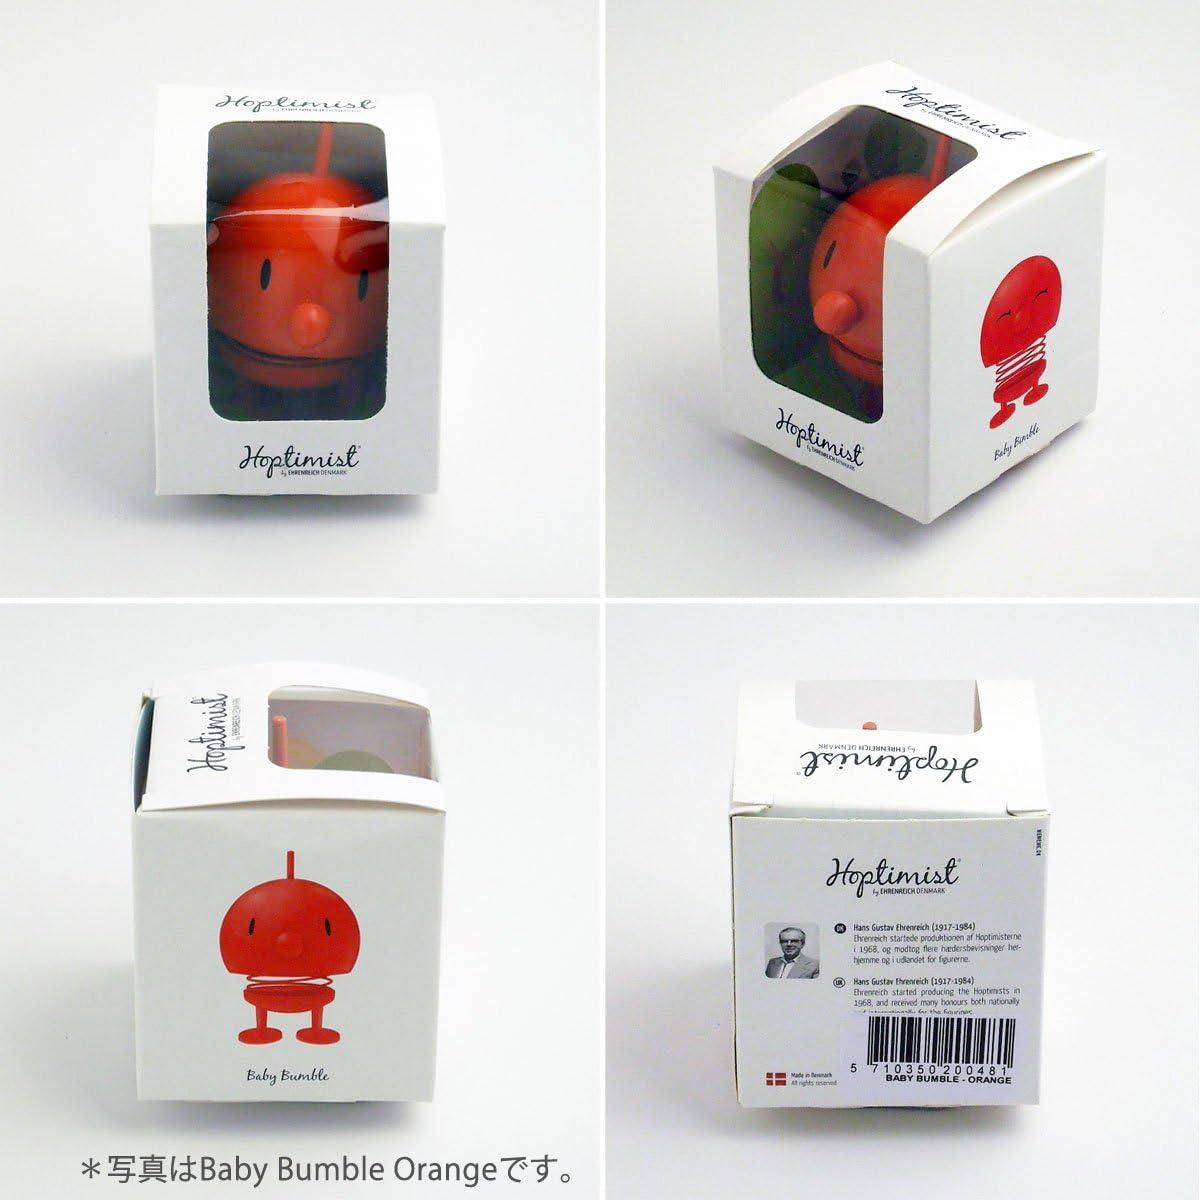 BABY BIMBLE Hoptimist Petit Mod/èle Figurine HOPTIMIST Orange